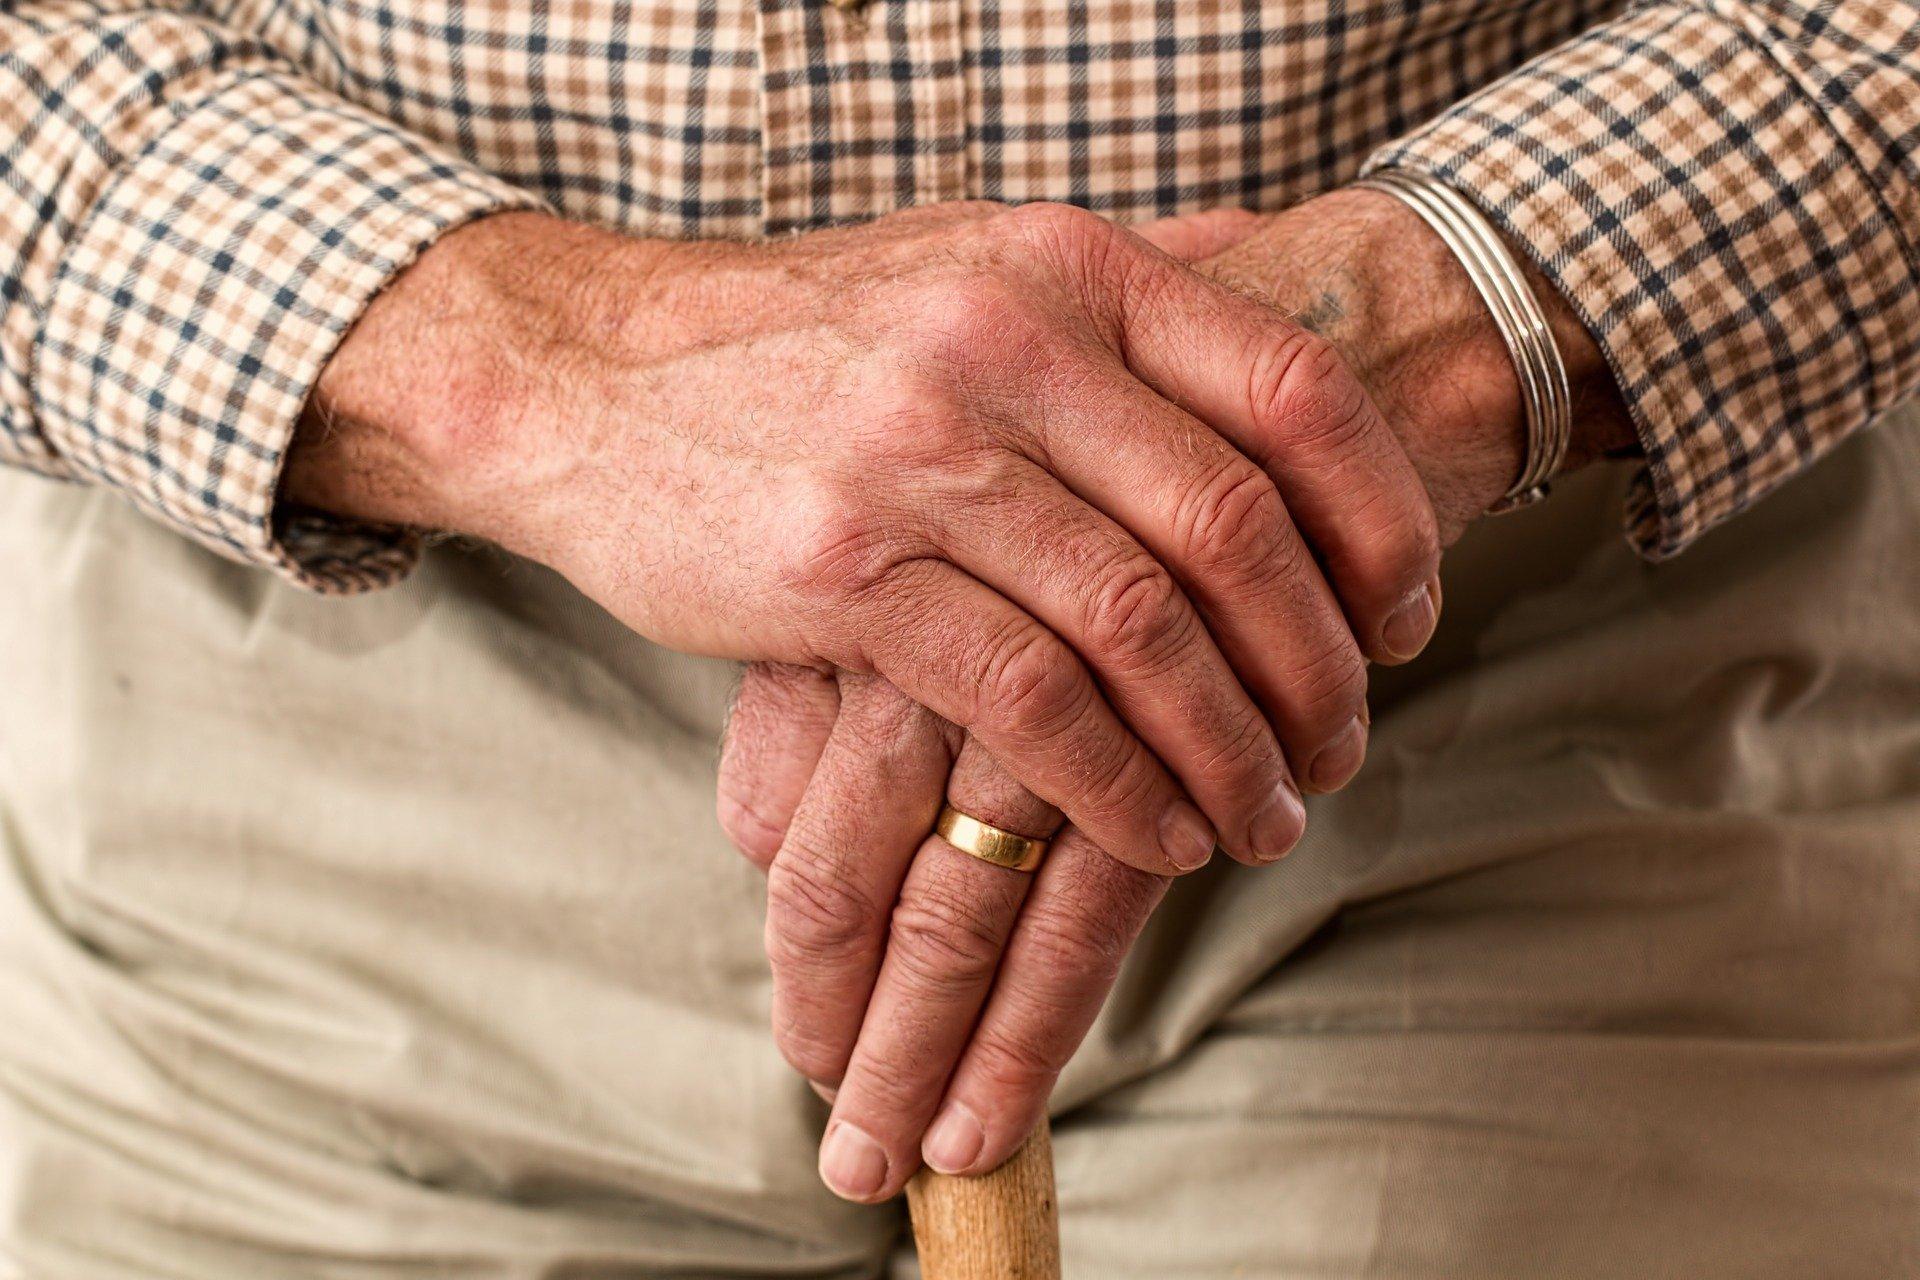 Cárcere privado de idosos na quarentena